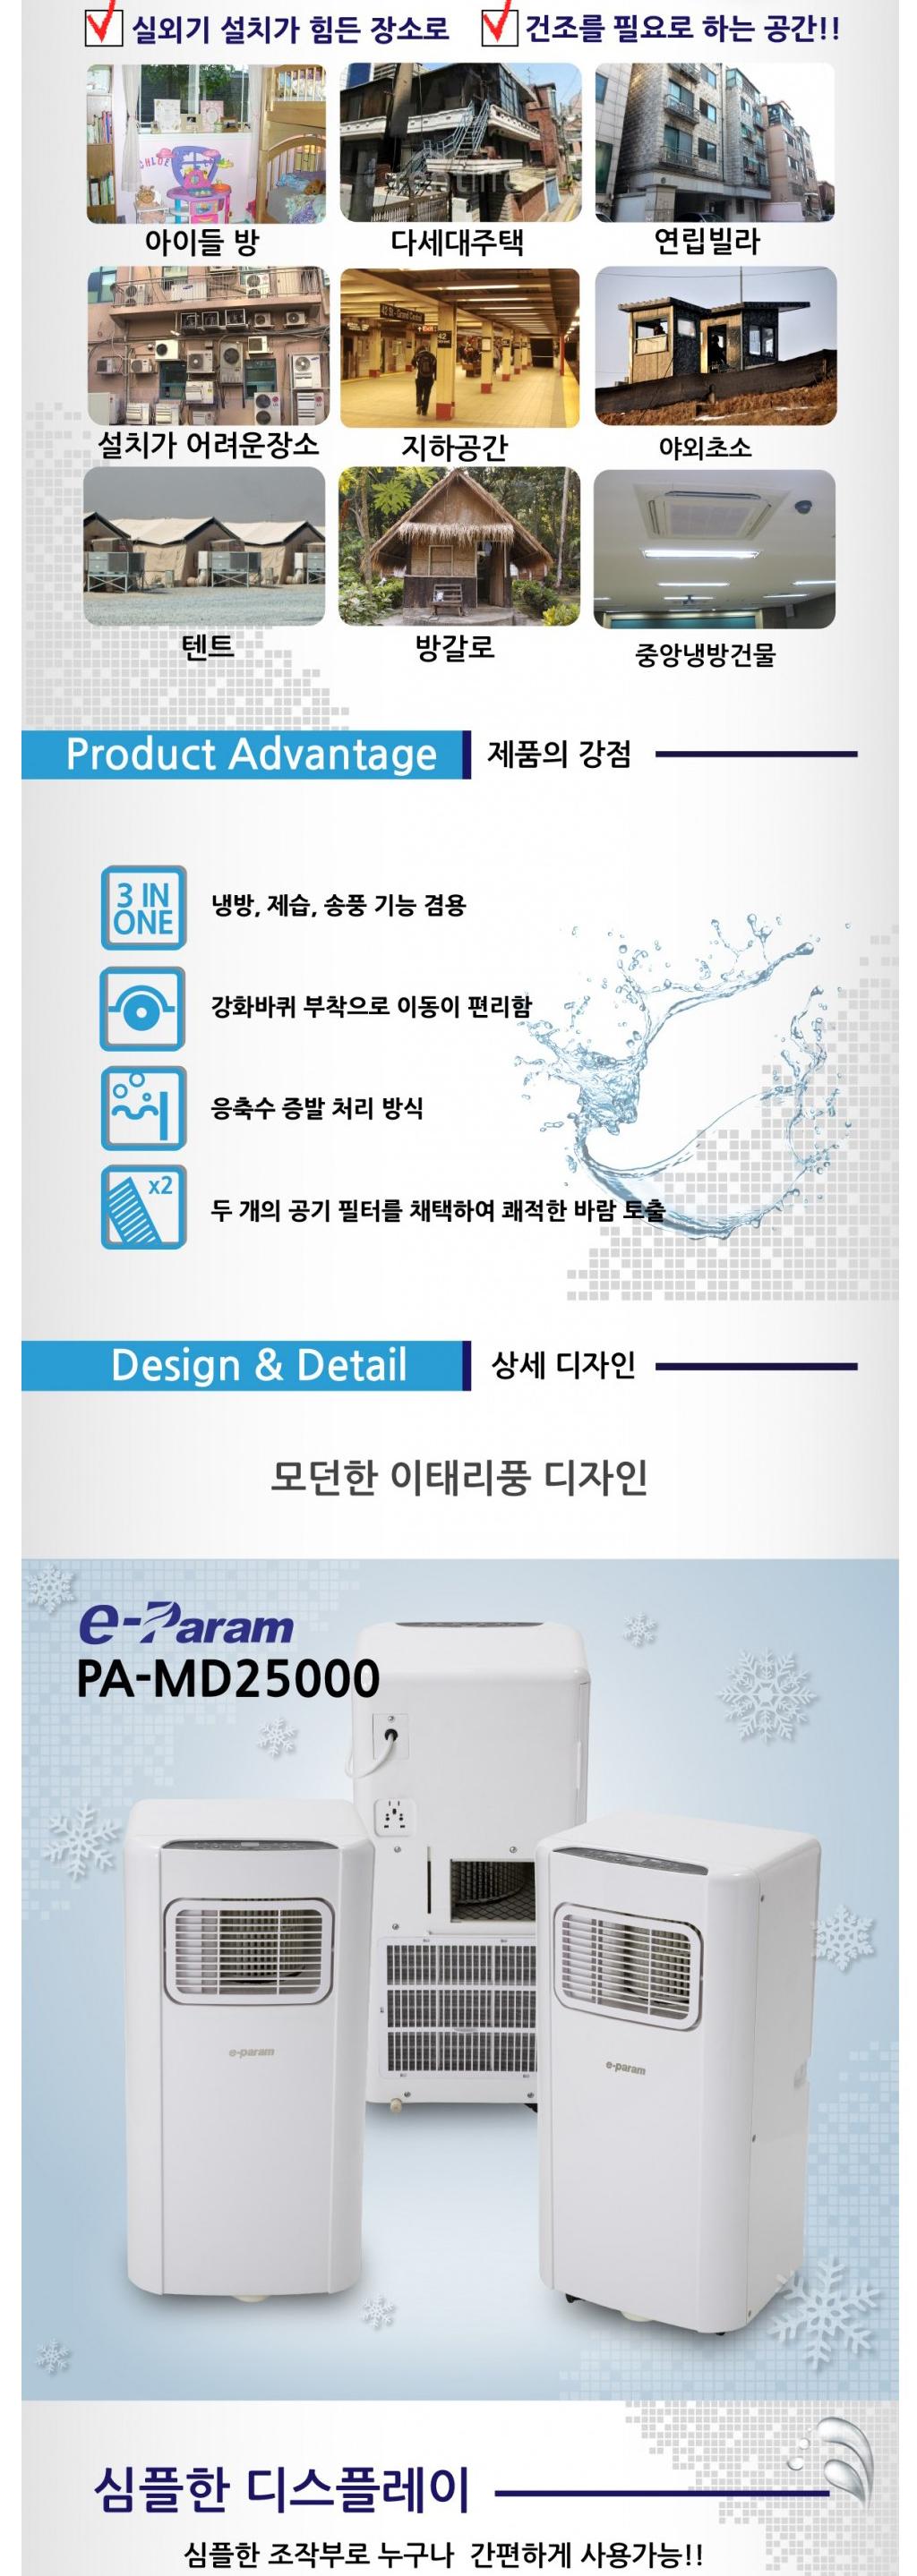 (주)파람 이동식 에어컨 PA-MD25000 1